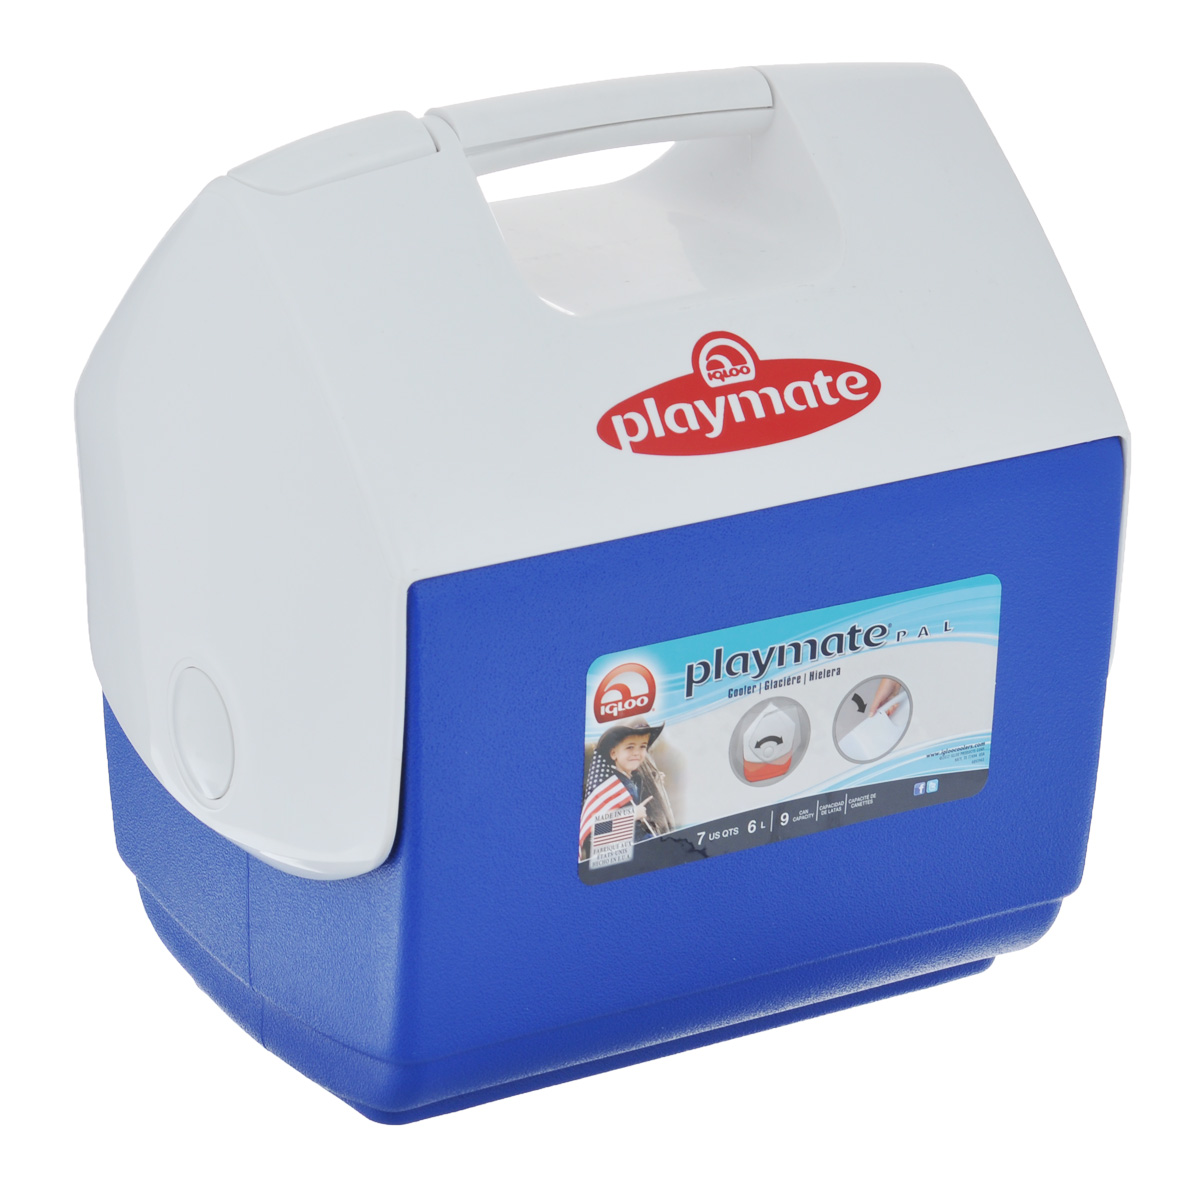 Изотермический контейнер Igloo Playmate Pal, цвет: синий, белый, 6 лС11045Легкий и прочный изотермический контейнер Igloo Playmate Pal, изготовленный из высококачественного пластика, предназначен для транспортировки и хранения продуктов и напитков. Для поддержания температуры использовать с аккумуляторами холода.Особенности изотермического контейнера Igloo Playmate Pal: - оригинальный замок на верхней крышки Playmate-Realise для открывания одной рукой;- крышка распахивается, обеспечивая легкий доступ к содержимому; - фирменный дизайн Playmate; - защелка надежно фиксирует крышку; - UltraTherm изоляция корпуса и крышки сохраняет содержимое холодным; - эргономичный гладкий дизайн корпуса;- экологически чистые материалы.